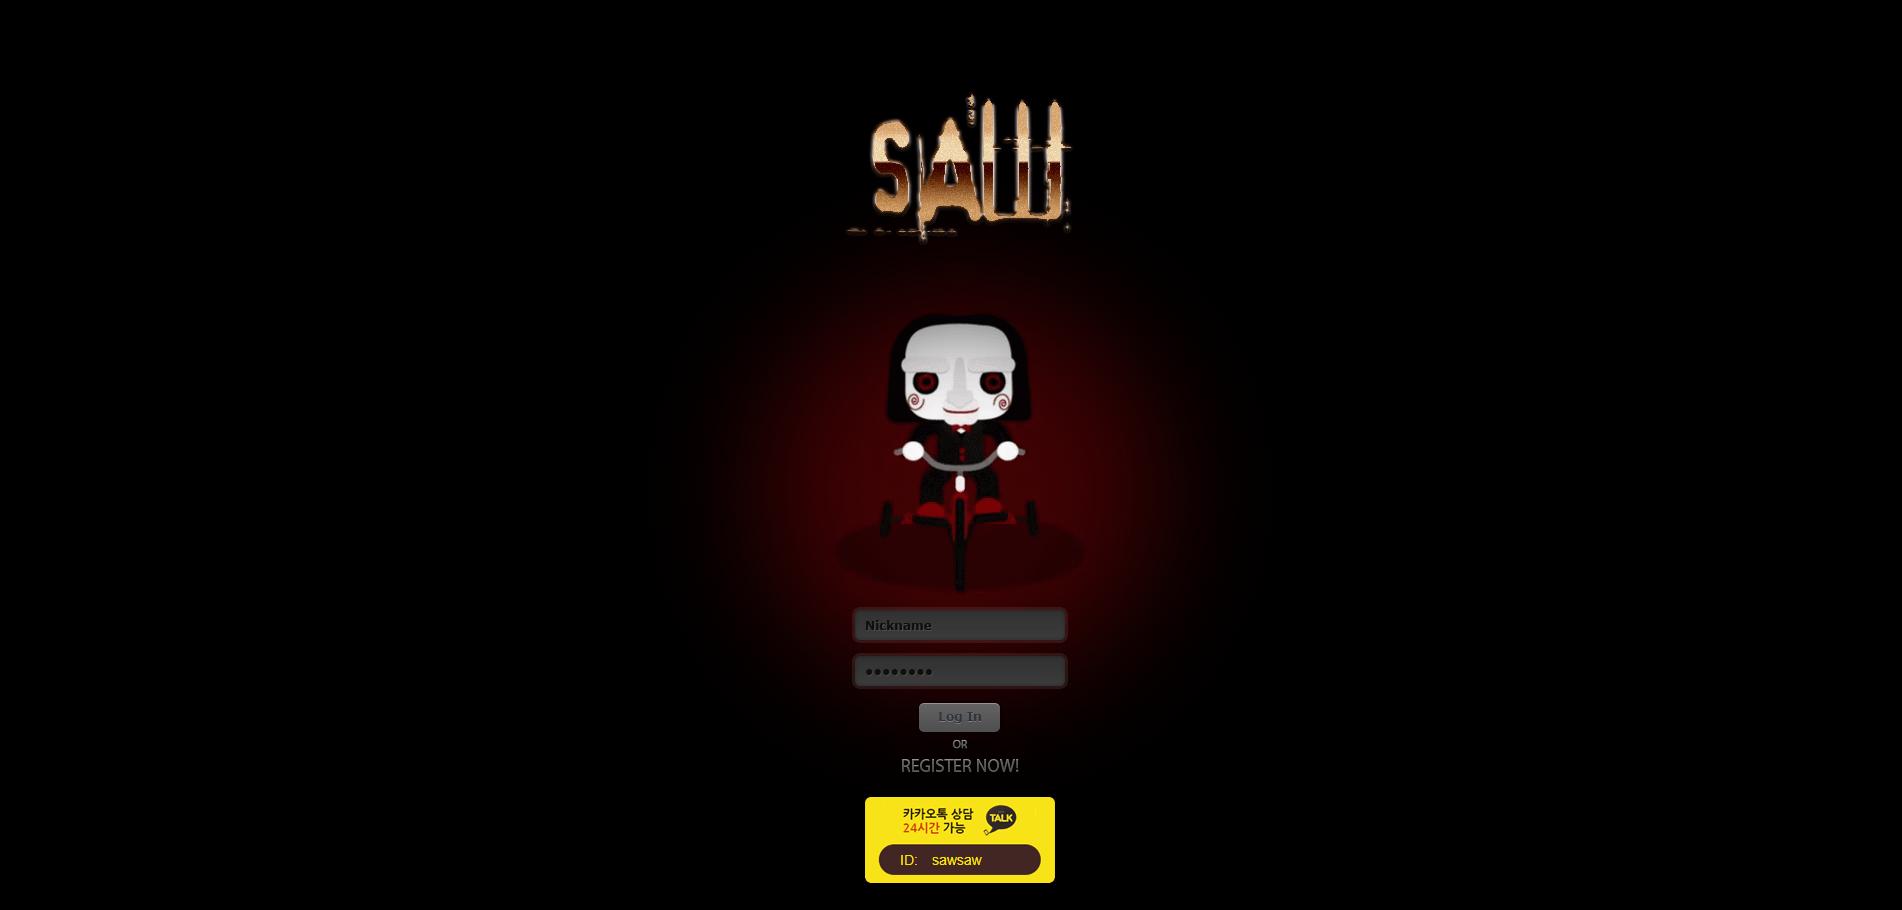 [먹튀검증]쏘우(SAW) saw-888.com 먹튀사이트 확정 토토사이트 먹튀검증업체 토토안내소